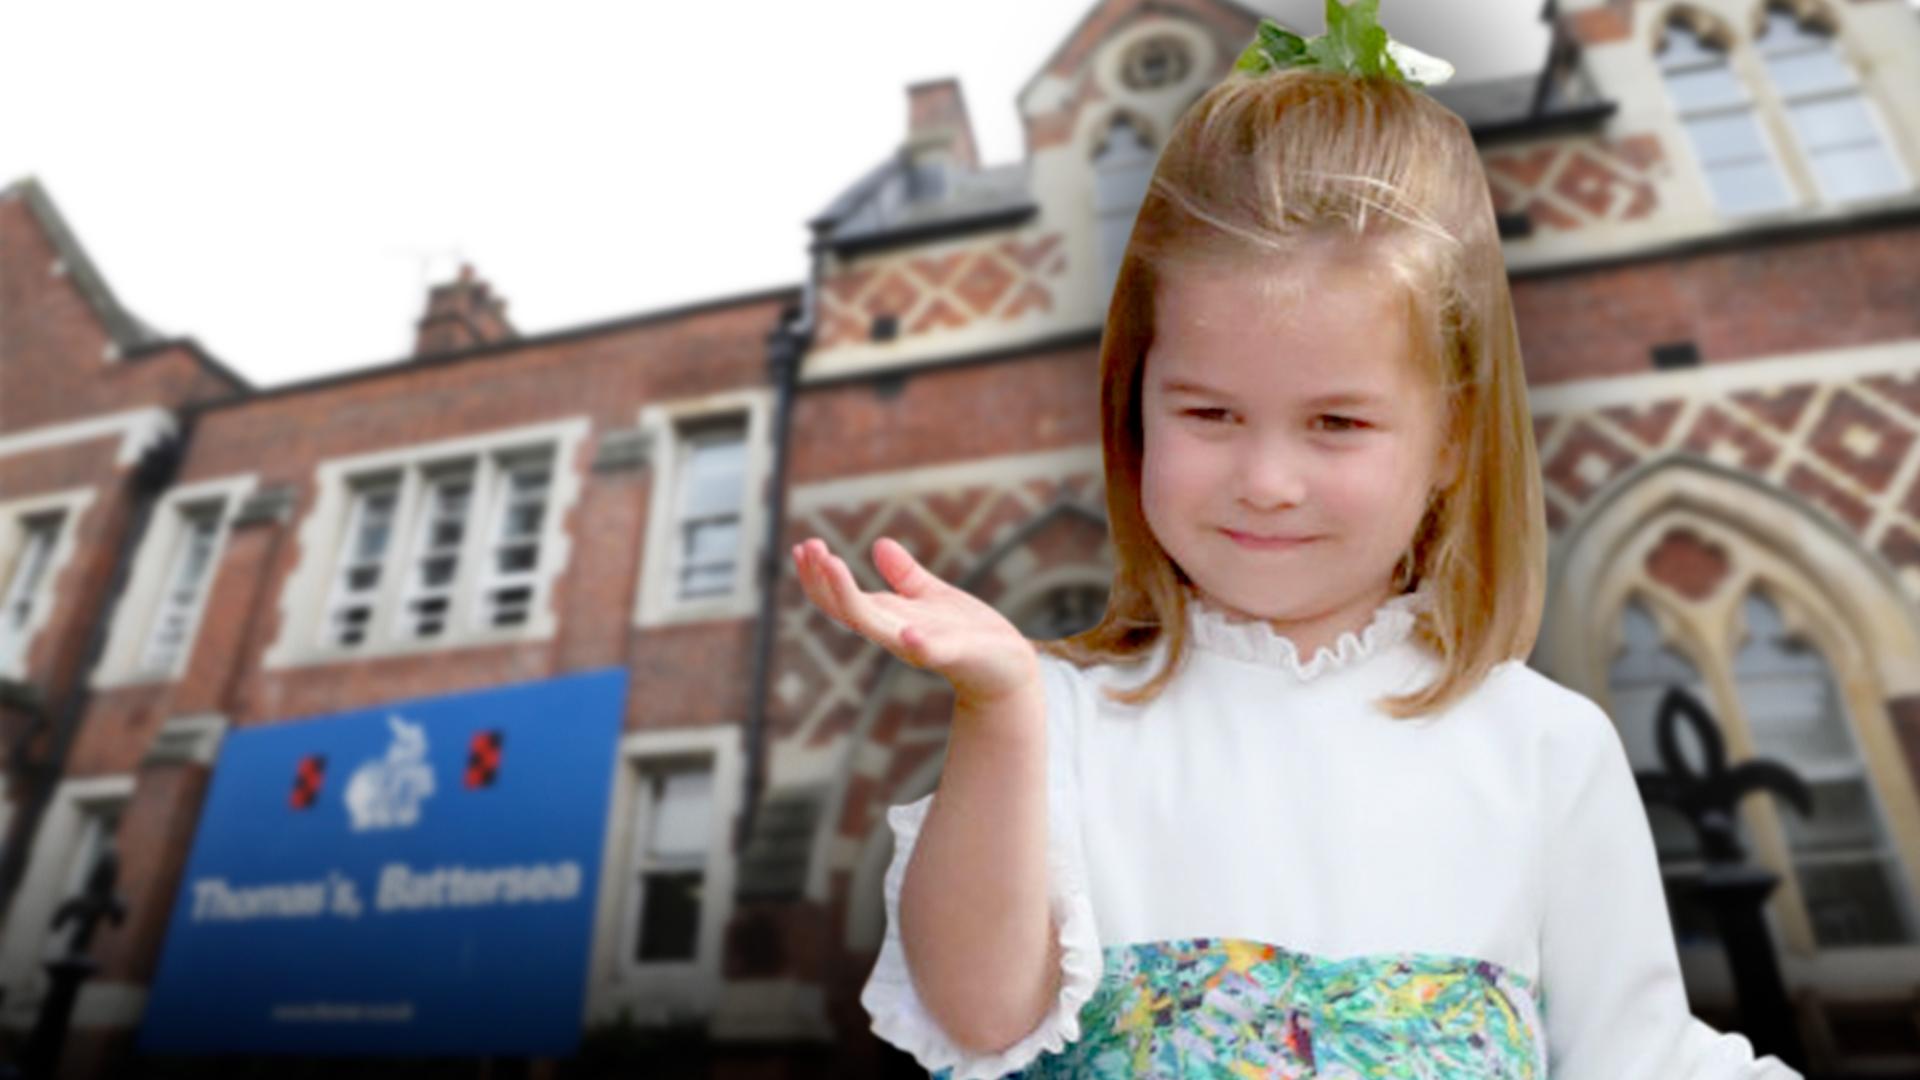 El Palacio de Kensington revela el nuevo colegio al que asistirá la princesa Charlotte